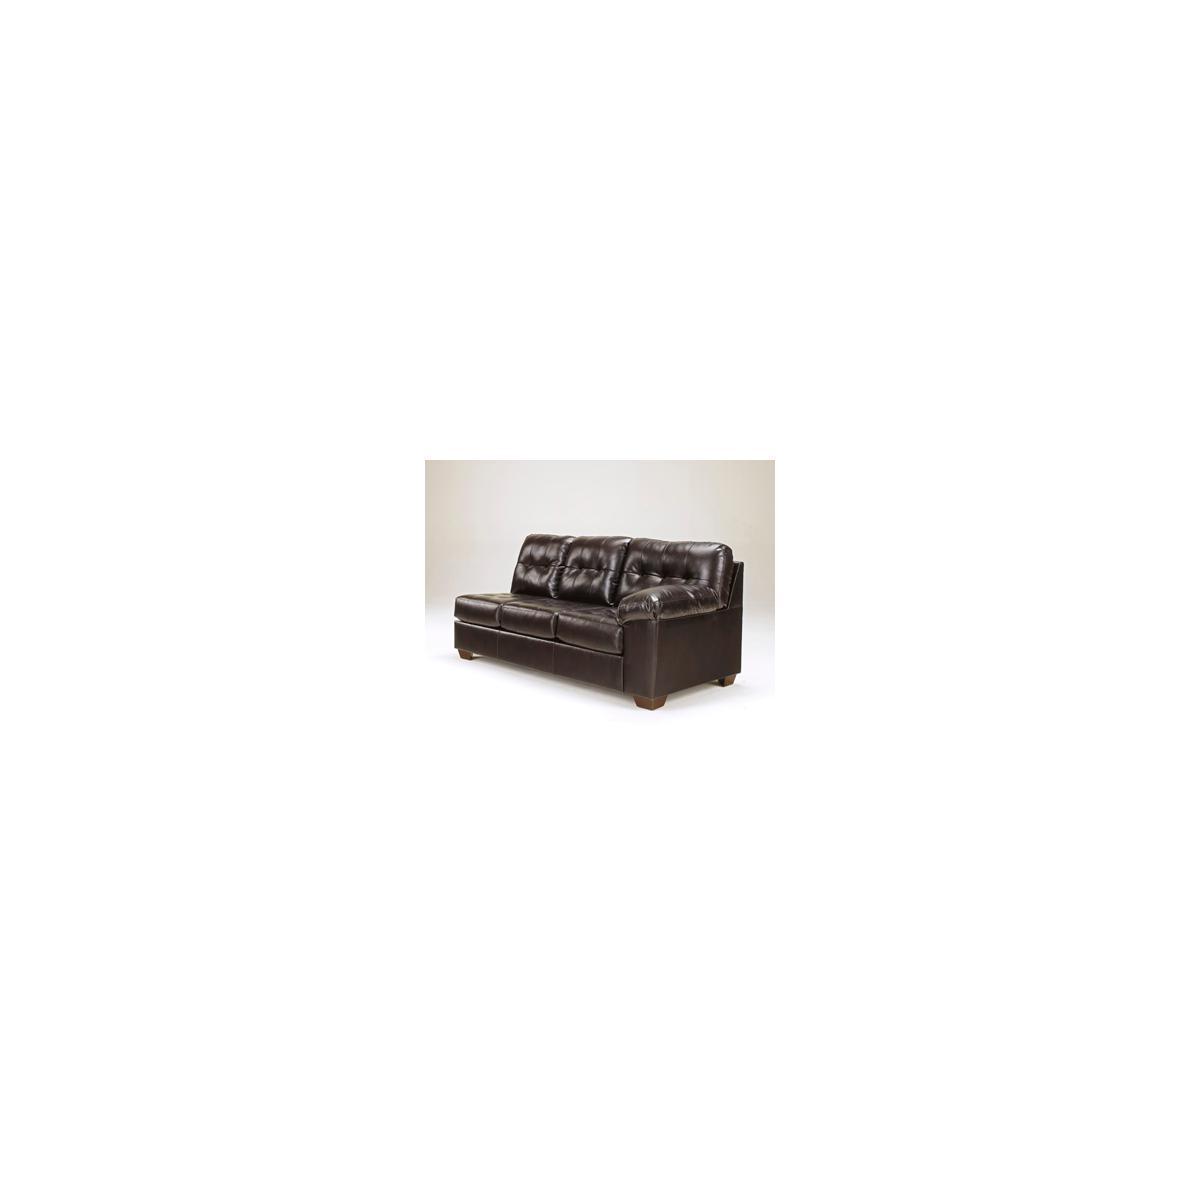 Allston Right-arm Facing Sofa